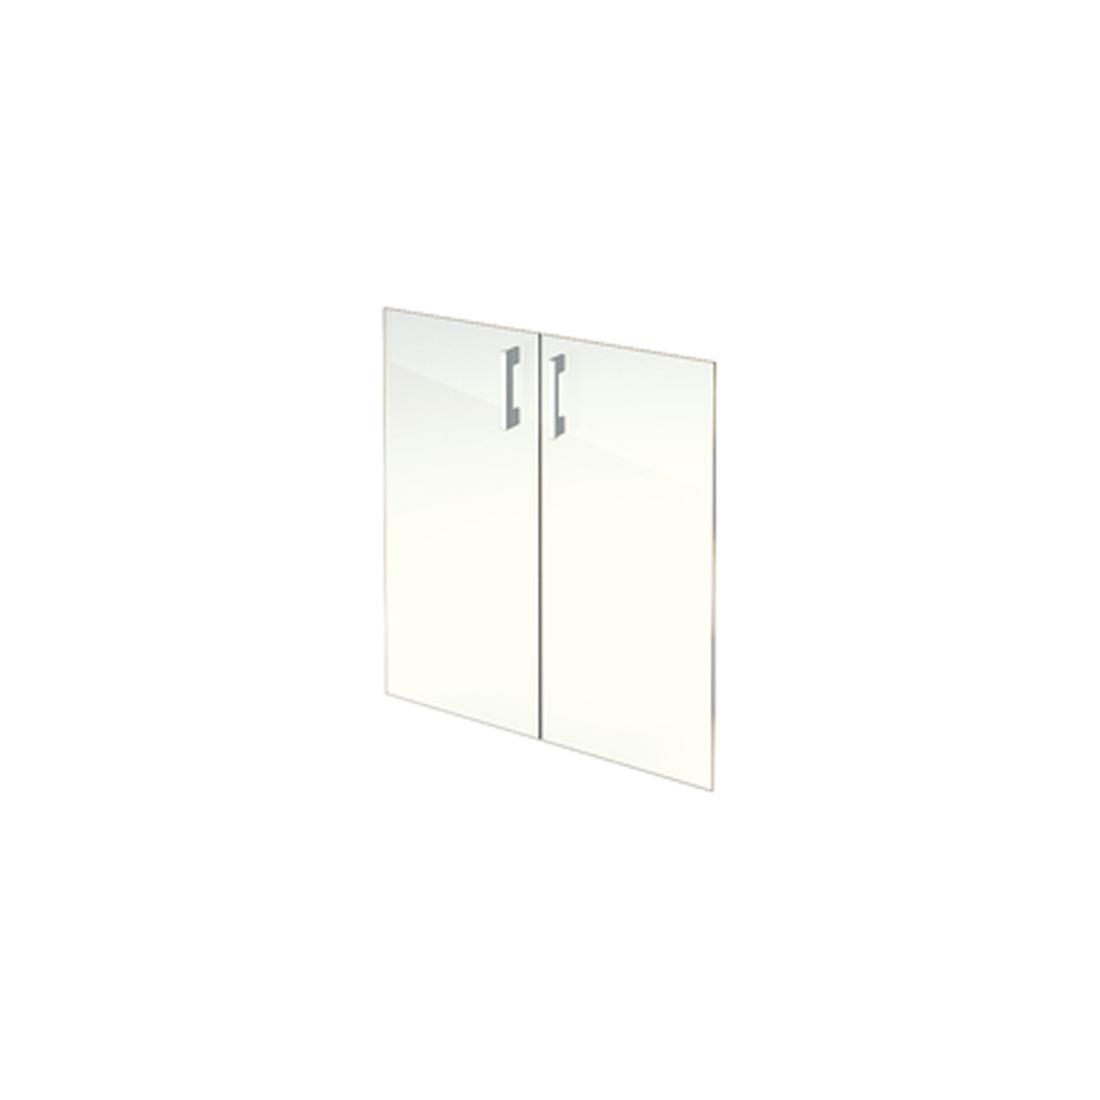 Комплект стеклянных прозрачных дверей А-302.СФ (710х4х760)